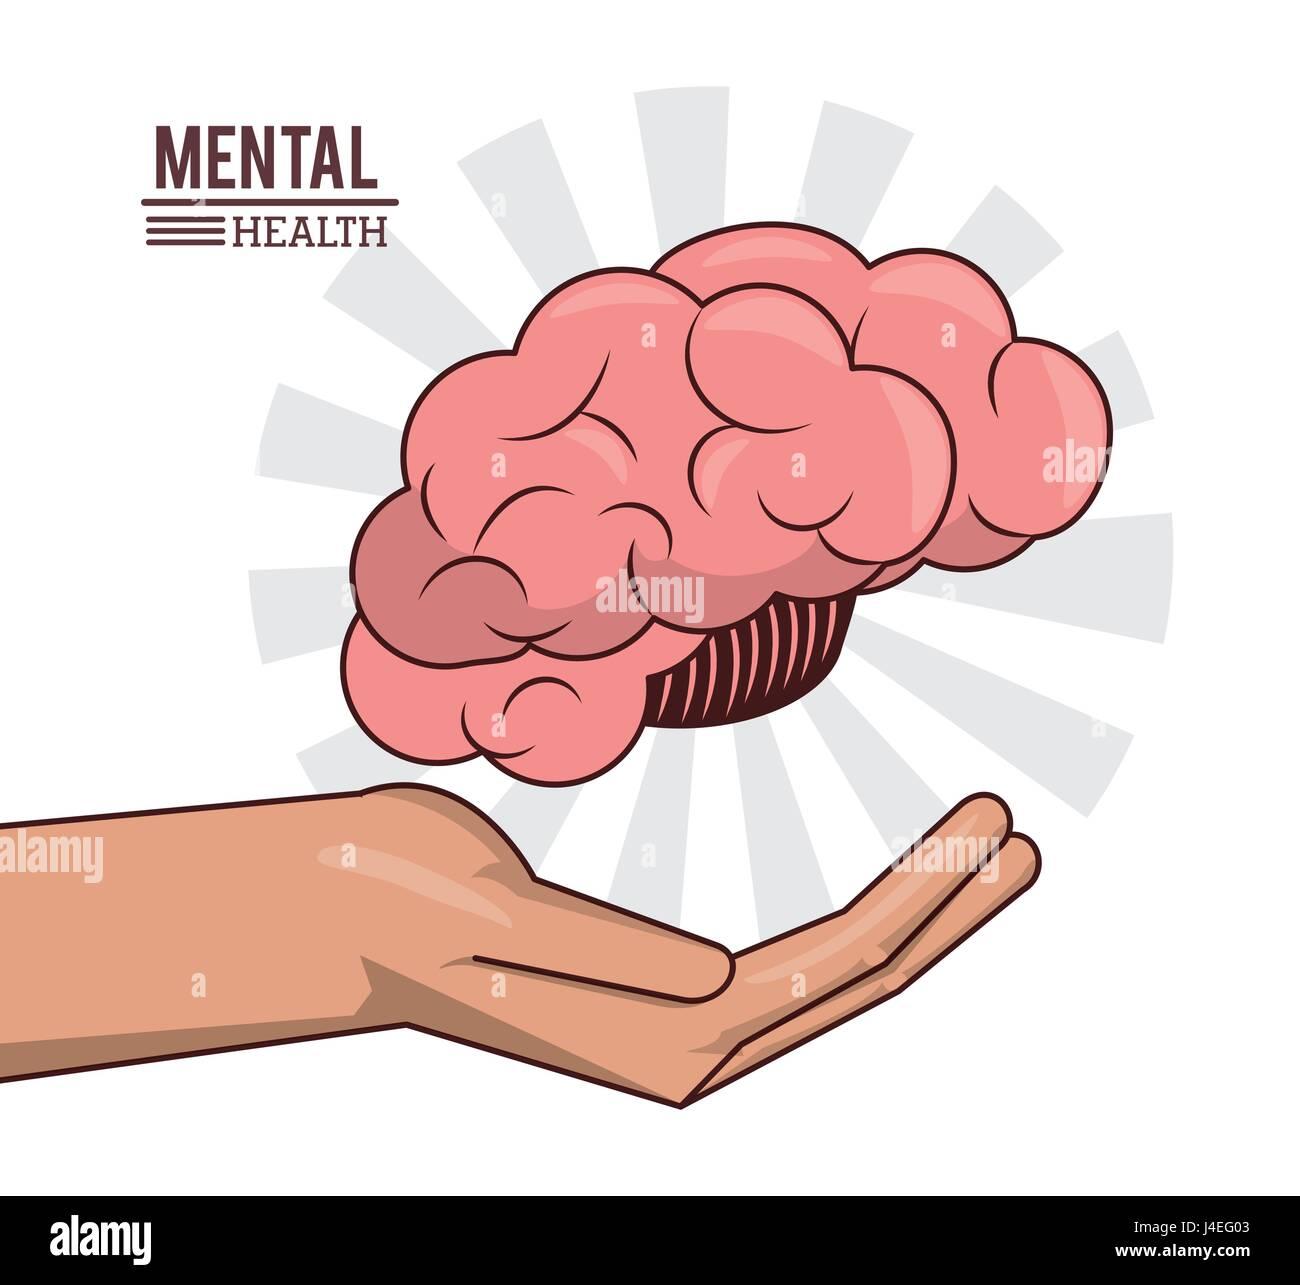 La santé mentale, de pair avec des cerveau médicaux prévention Photo Stock